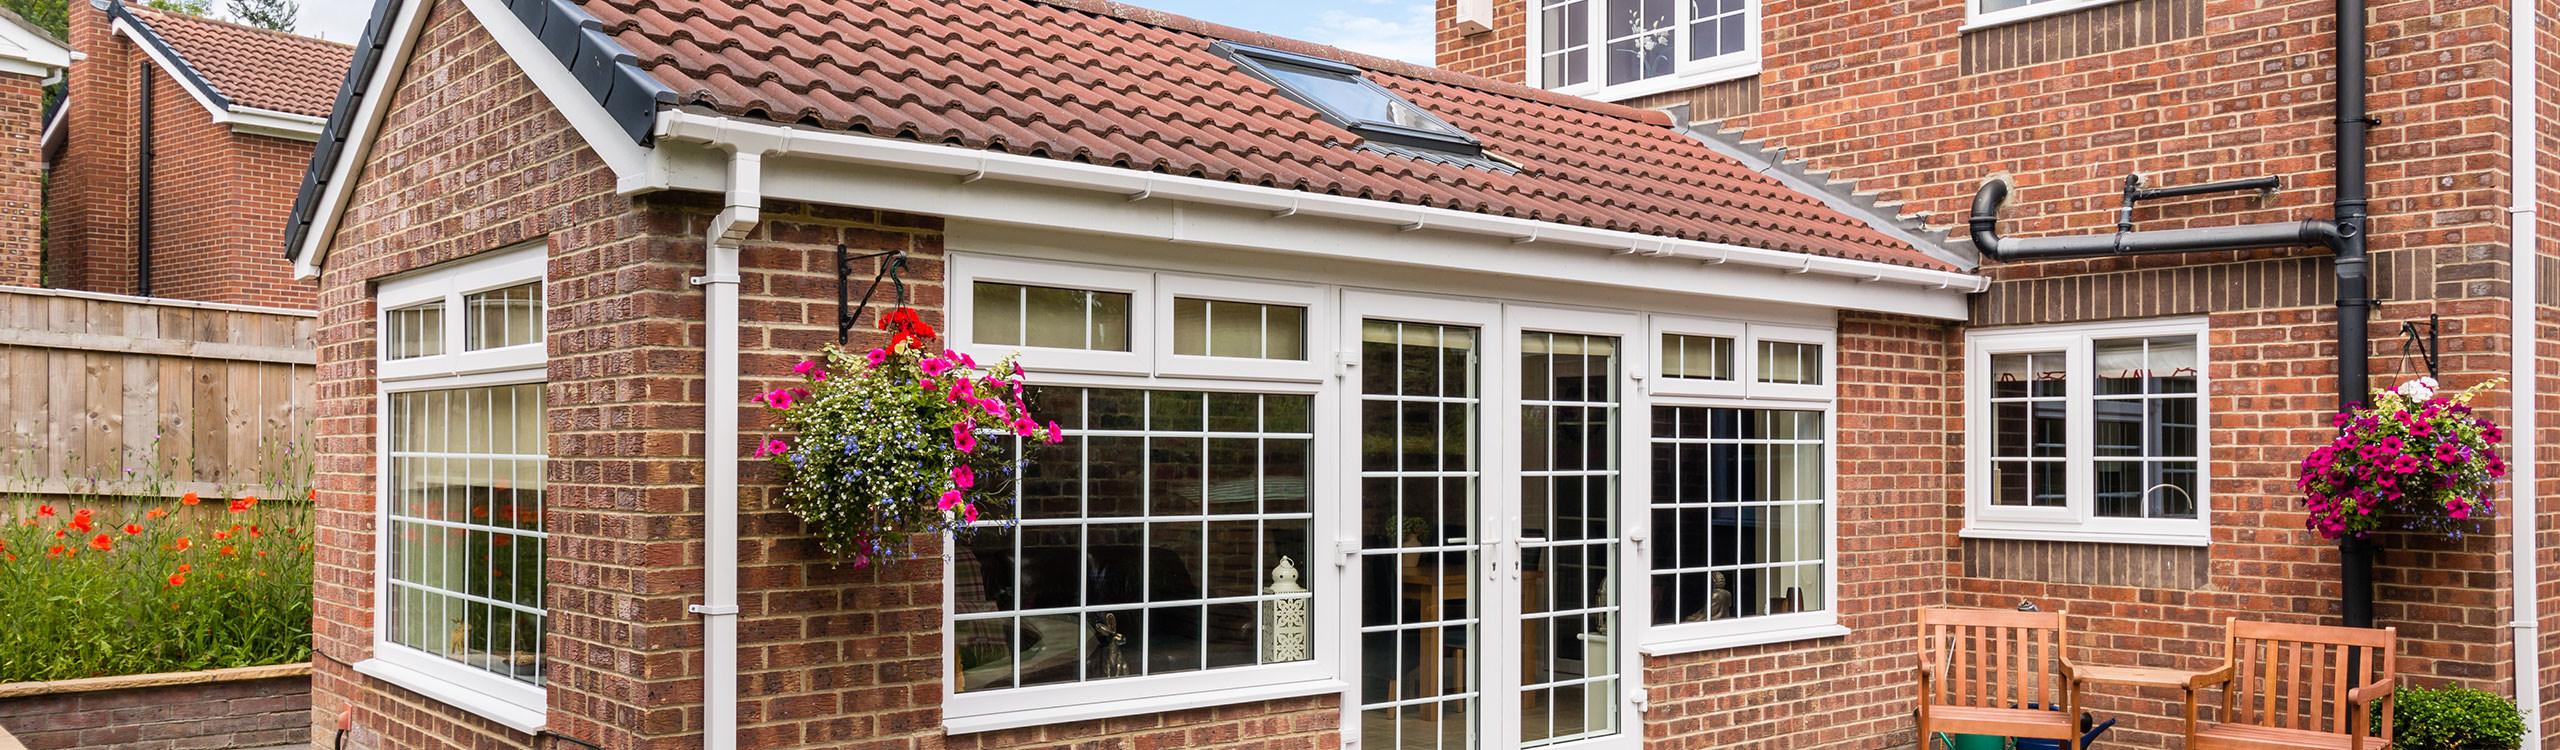 Double Glazing Faversham